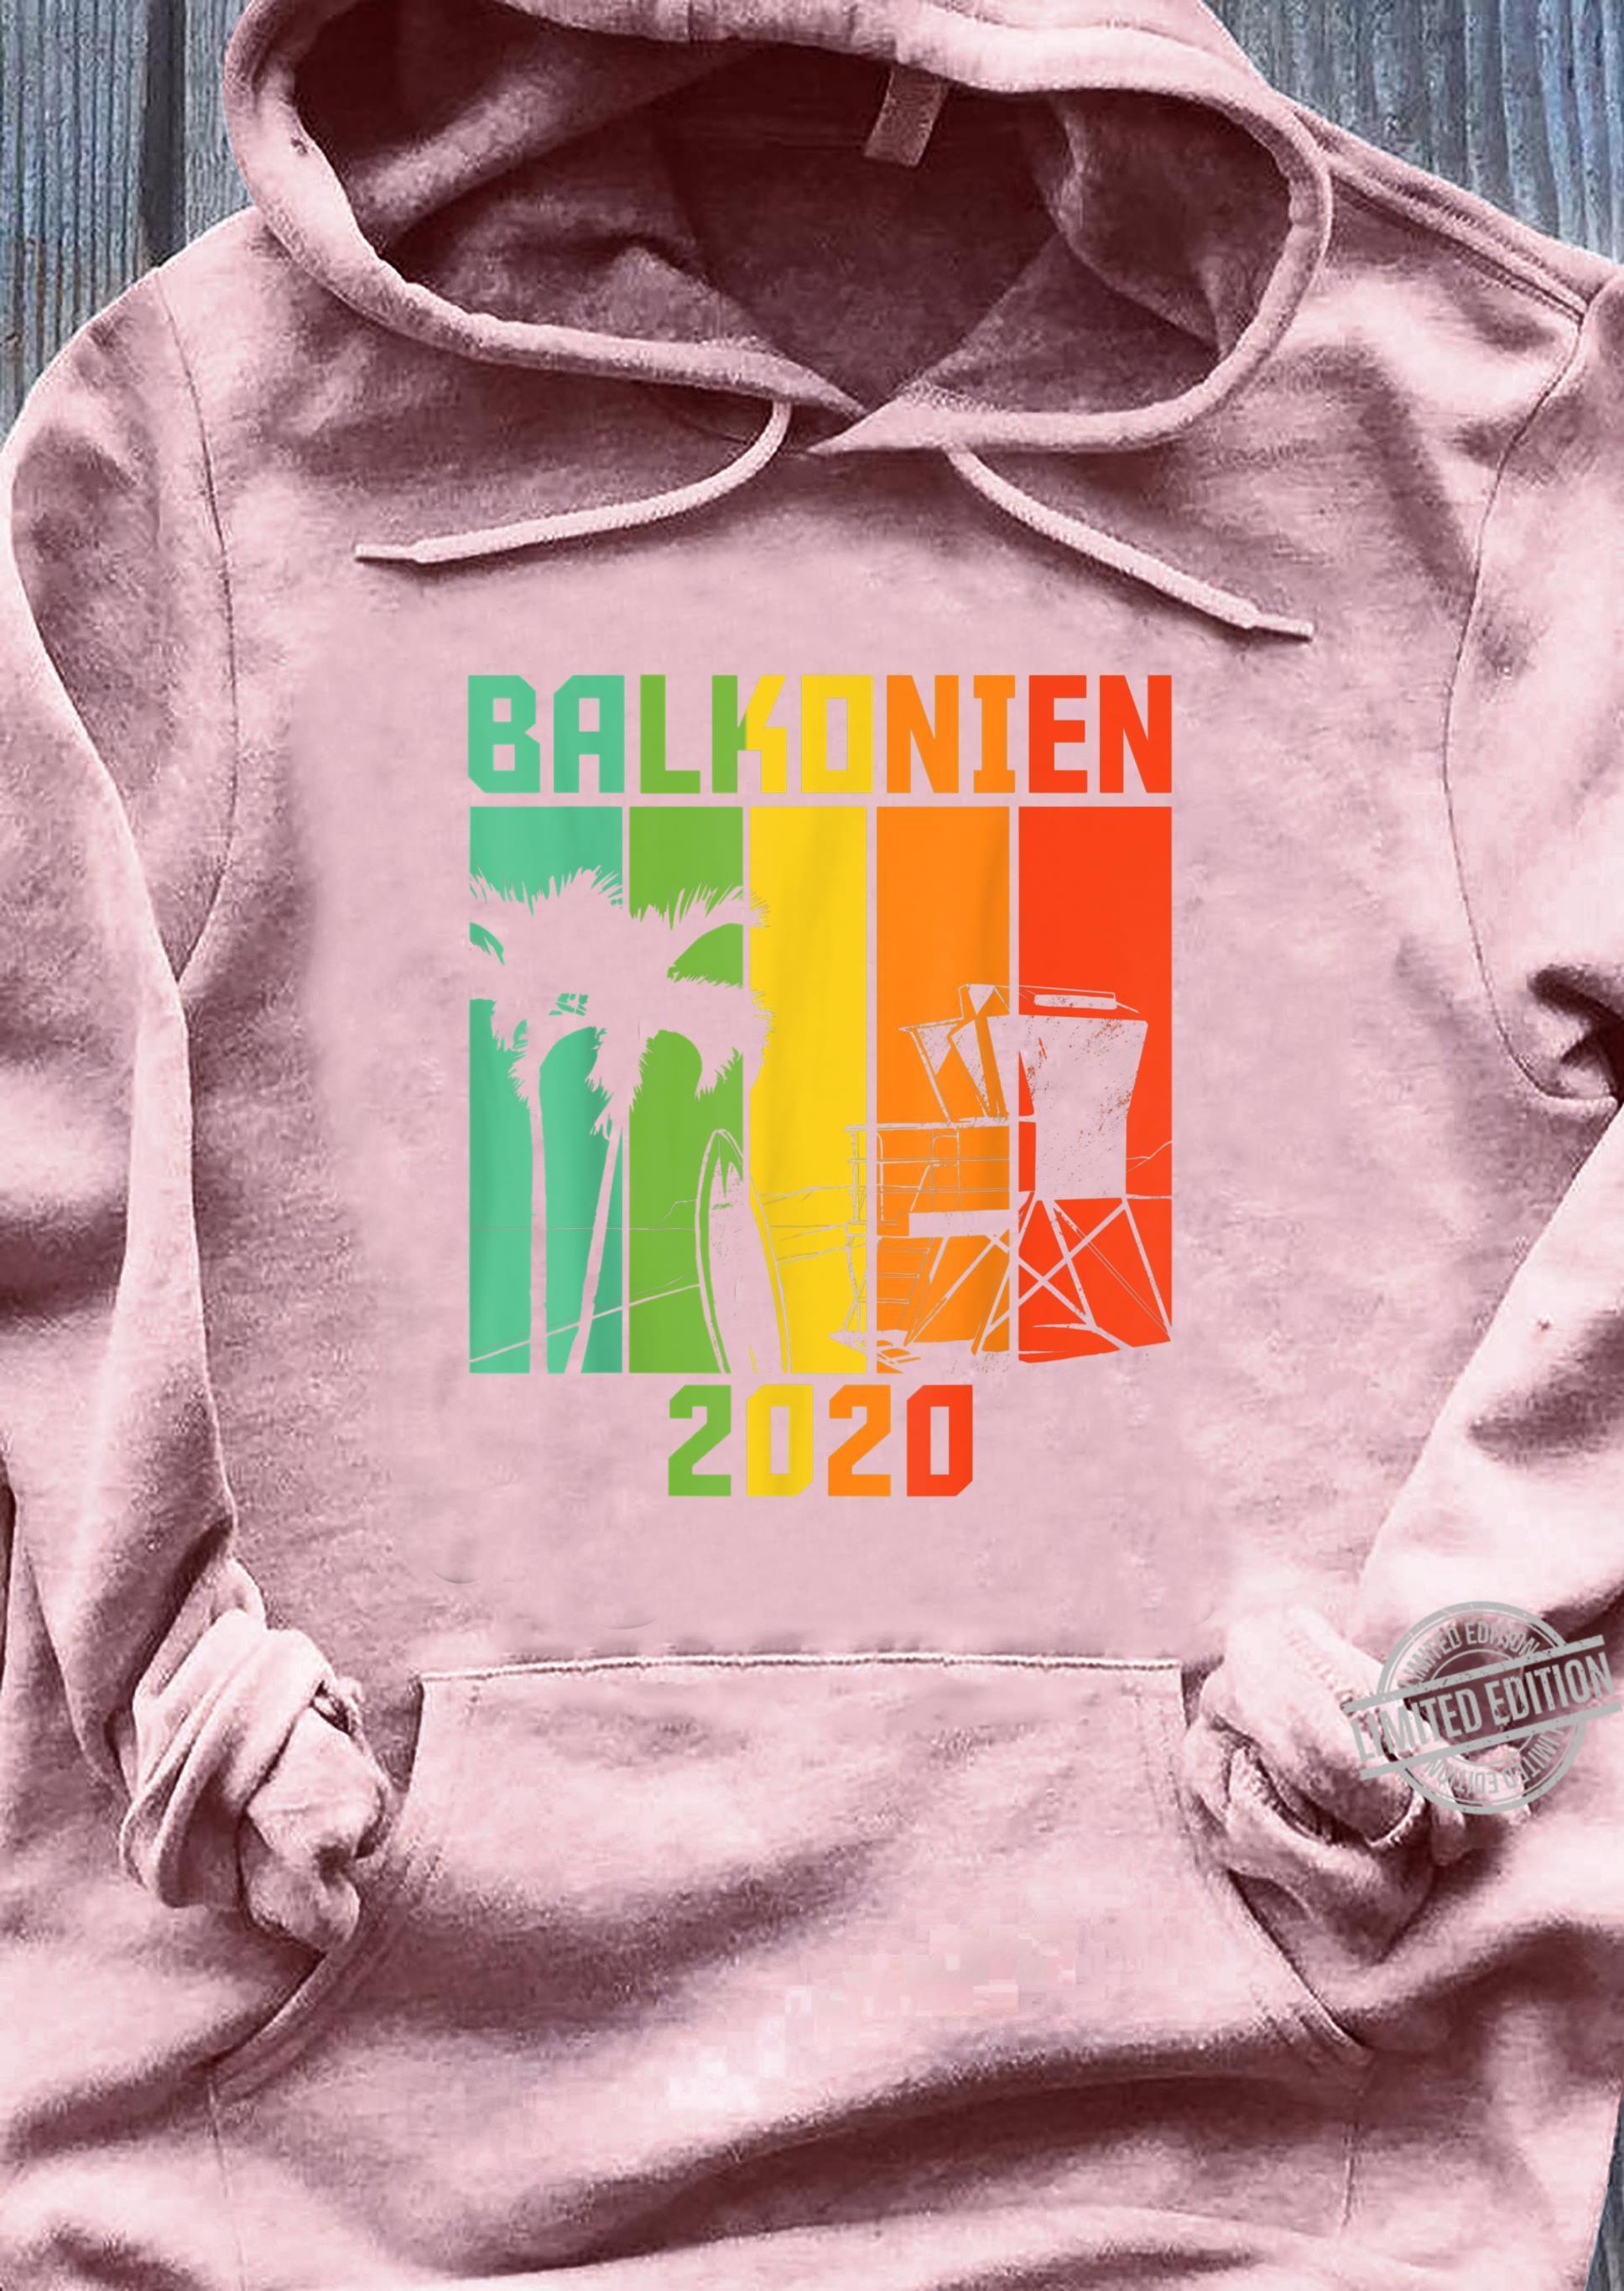 Balkonien 2020 Shirt sweater